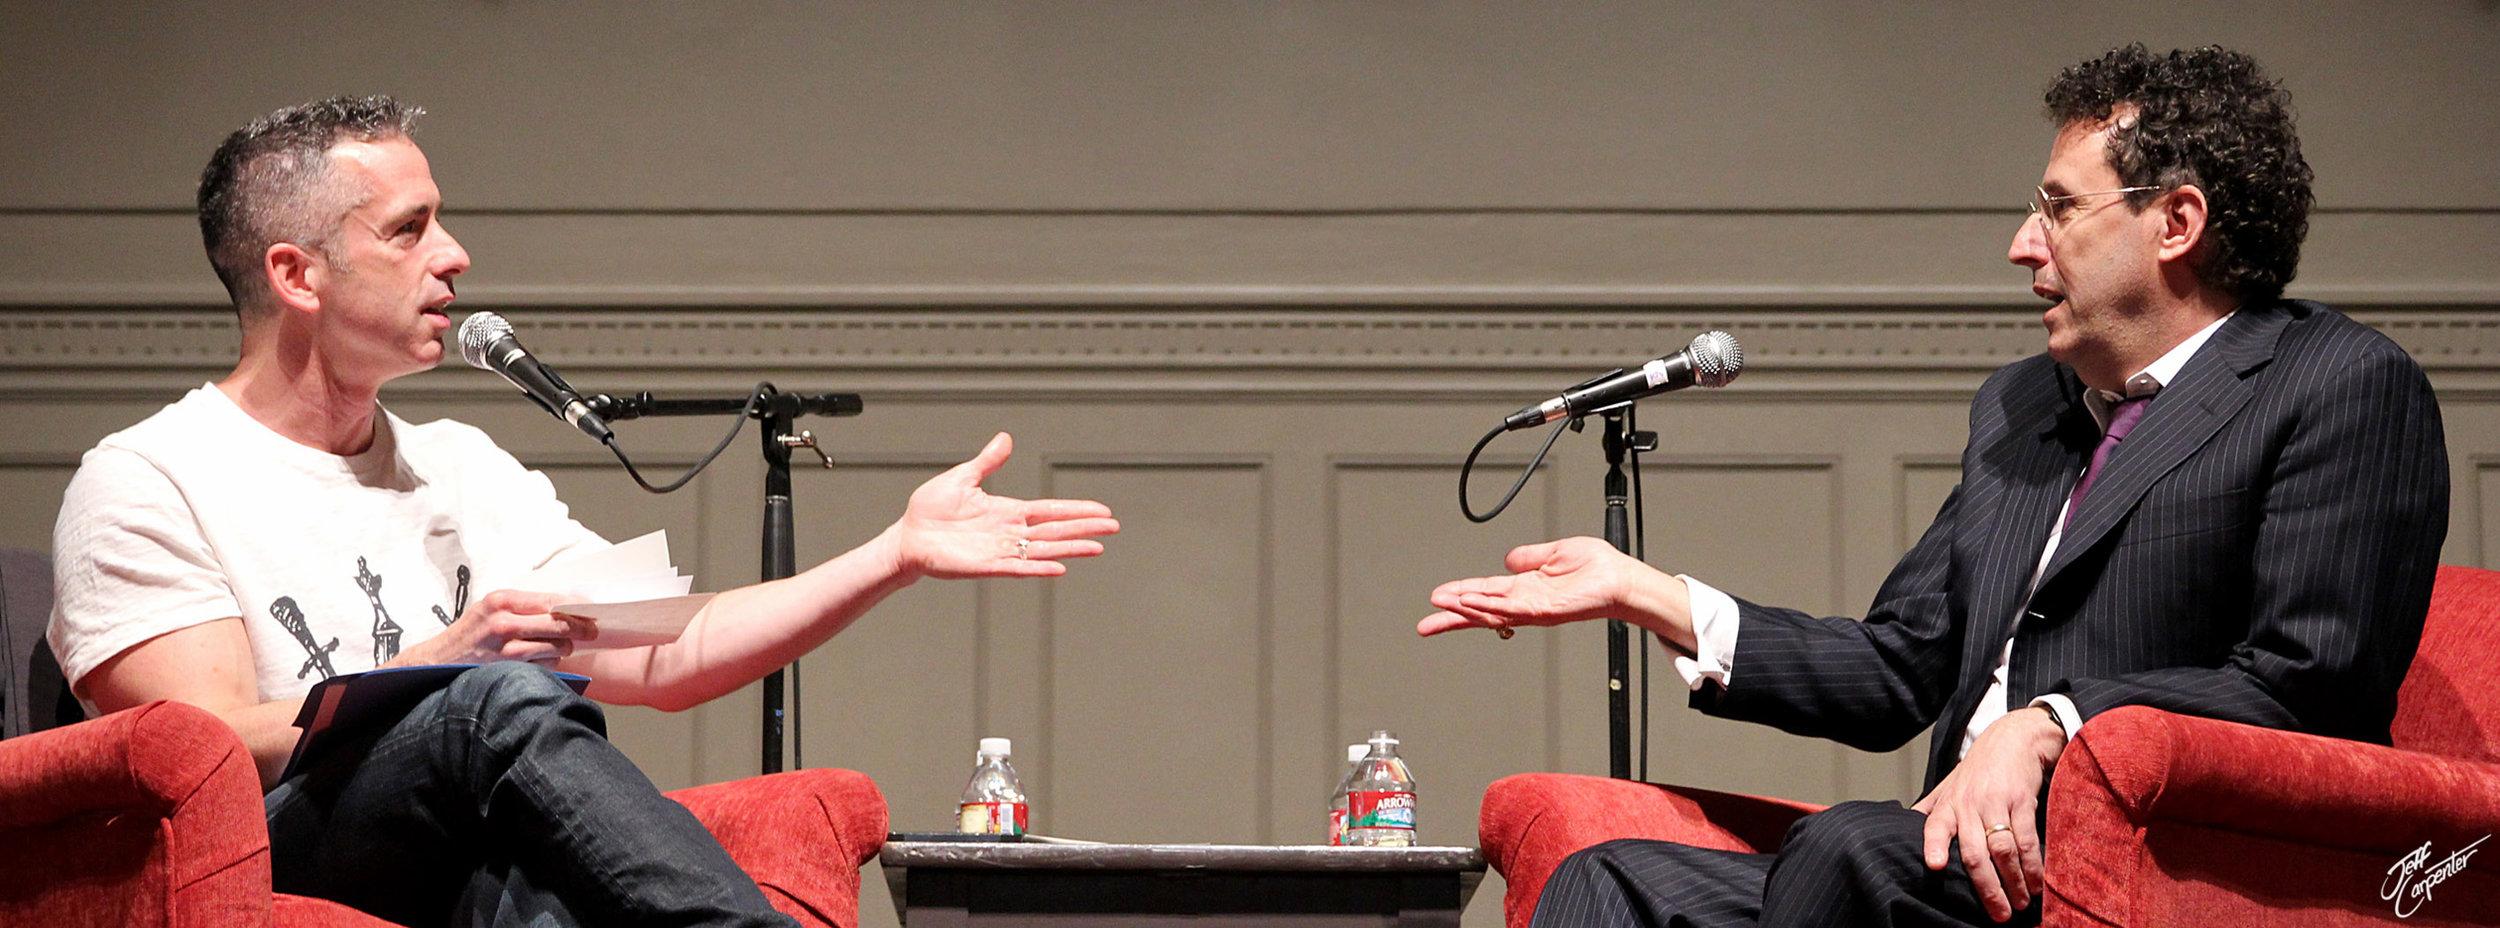 Dan Savage and playwright Tony Kushner in conversation, 2014